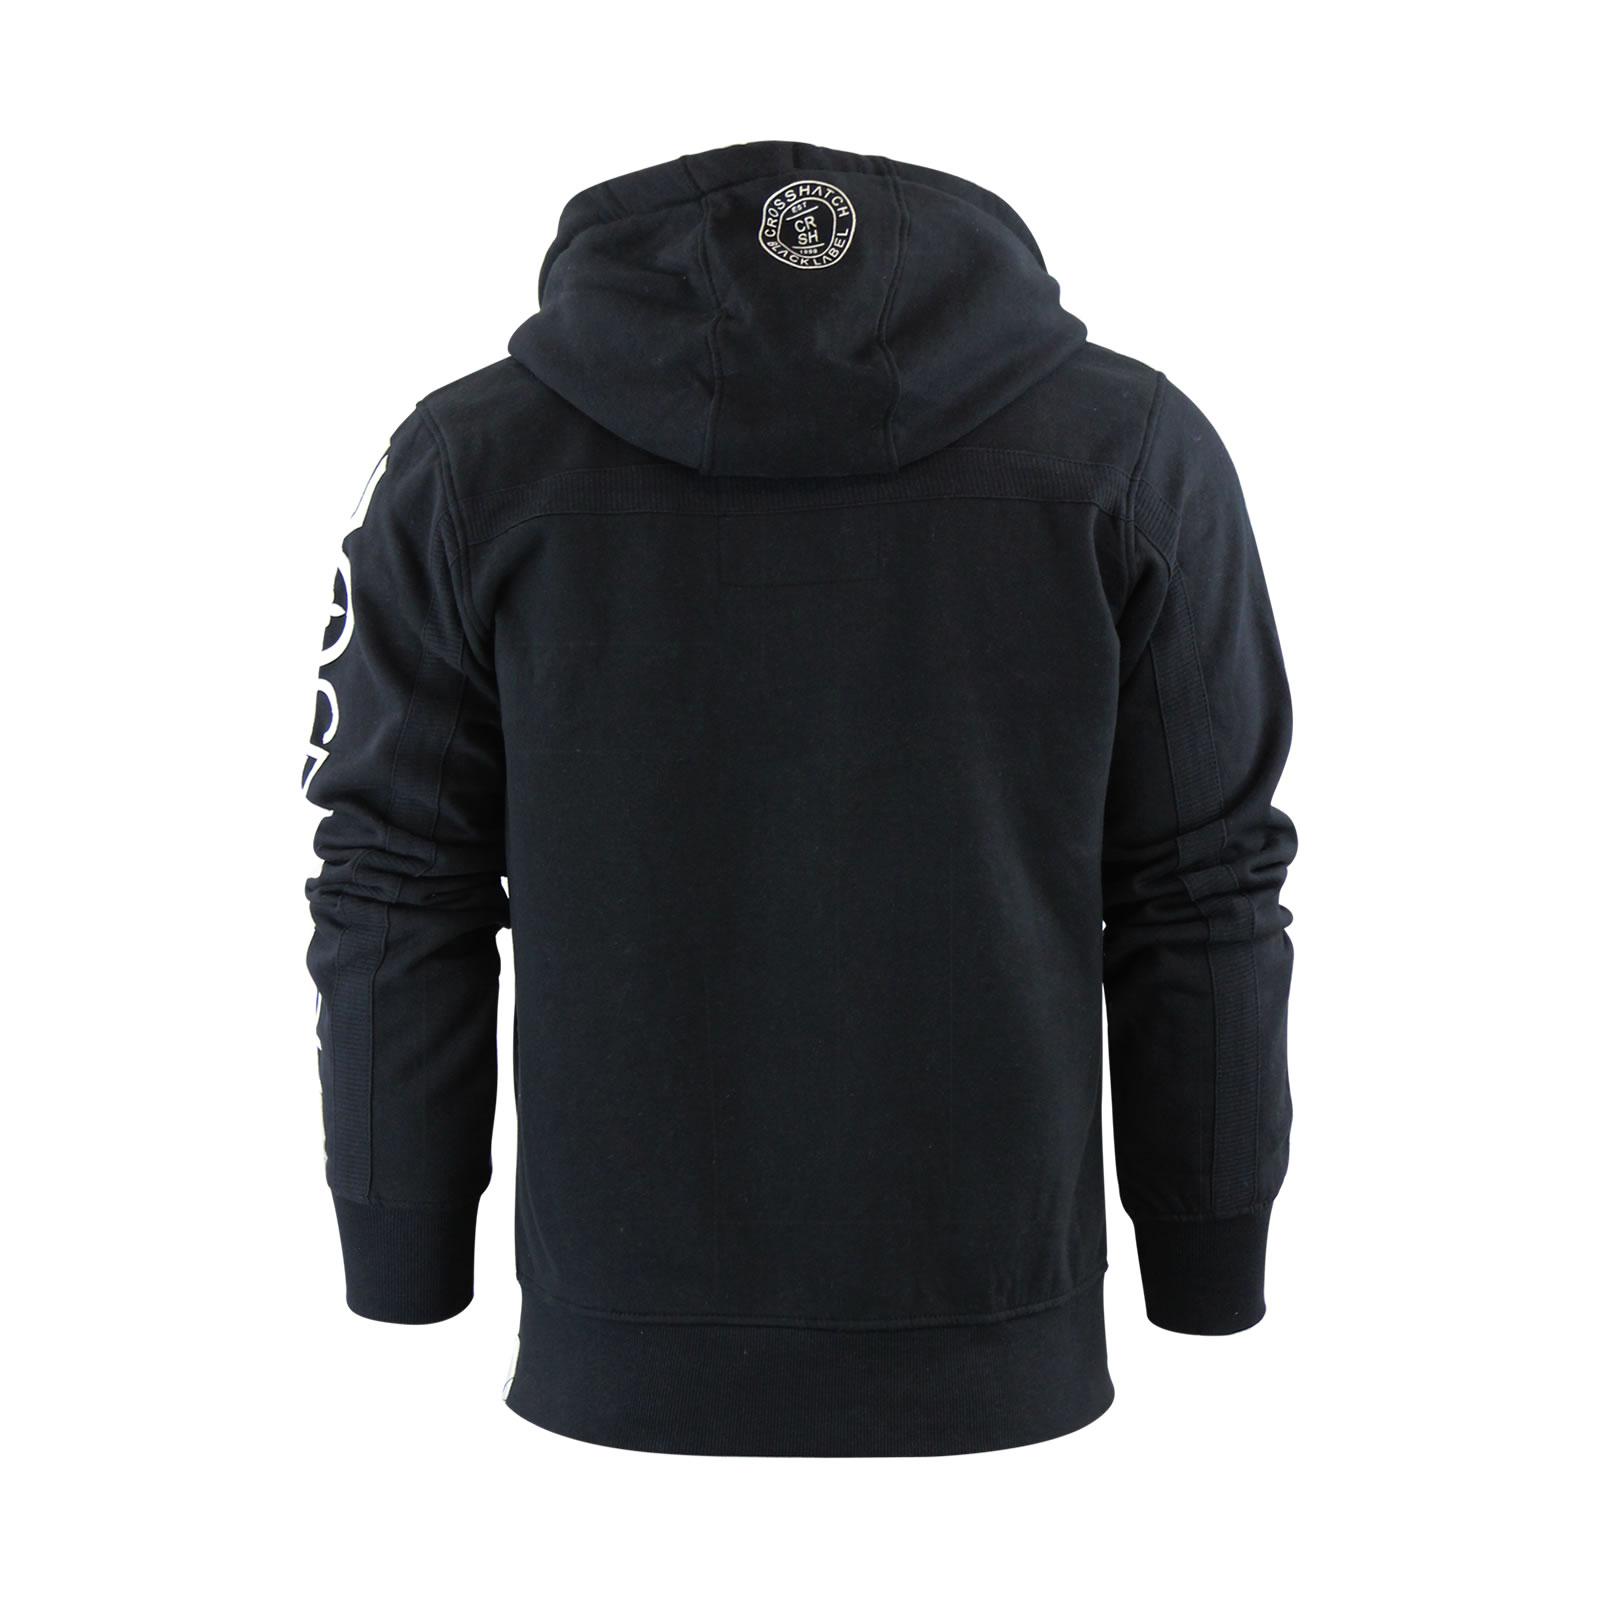 Mens-Hoodie-Crosshatch-Ribbler-Zip-Up-Hooded-Jacket-Pullover-Jumper-Sweatershirt thumbnail 7